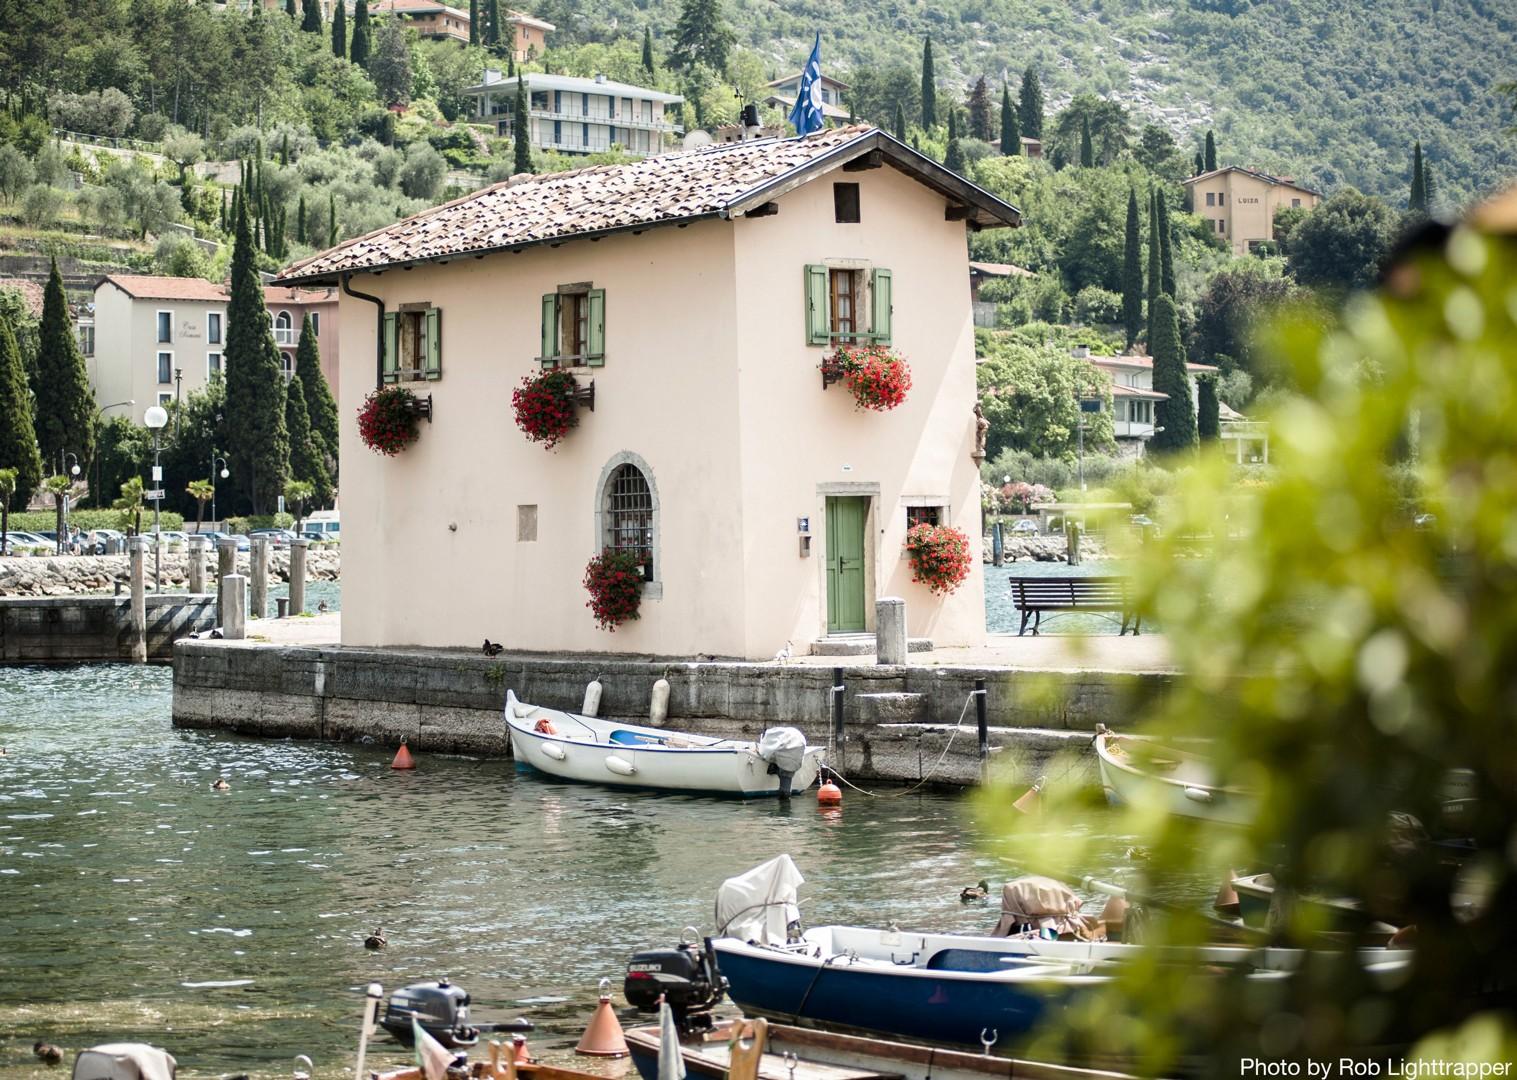 Family-Cycling-Holiday-Lake-Garda-Venice-beautiful-Italy.jpg - Italy - Lake Garda to Venice - Self-Guided Family Cycling Holiday - Italia Leisure and Family Cycling